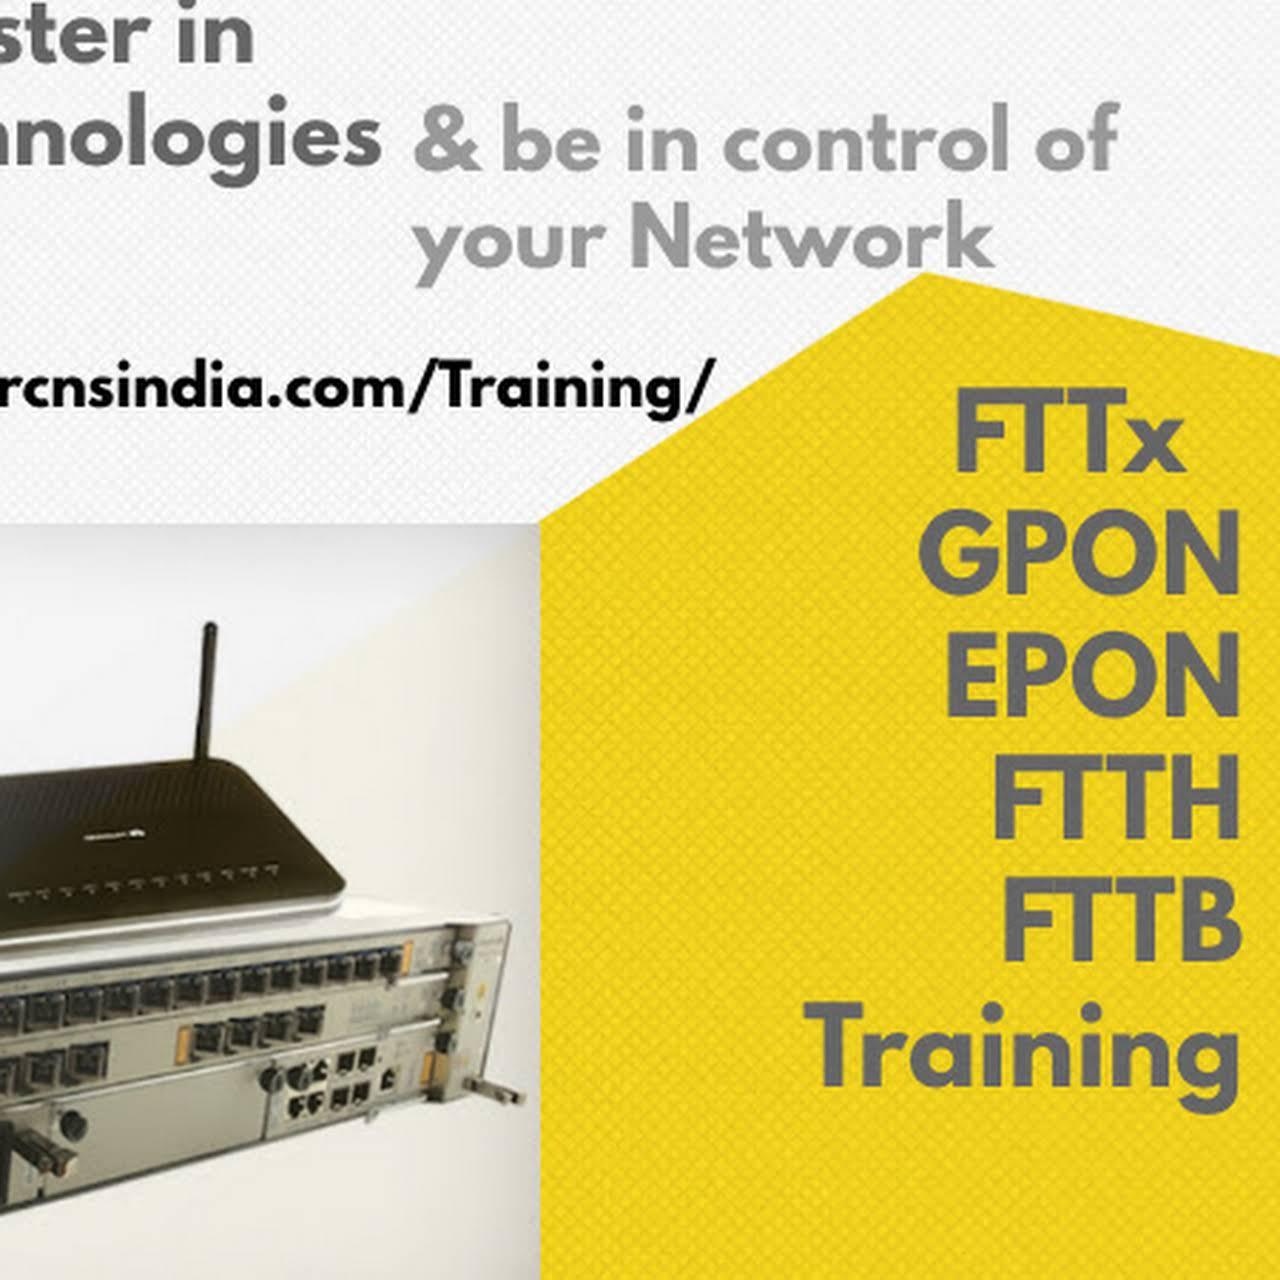 RCNET Enterprise Network Training Center - Only Training